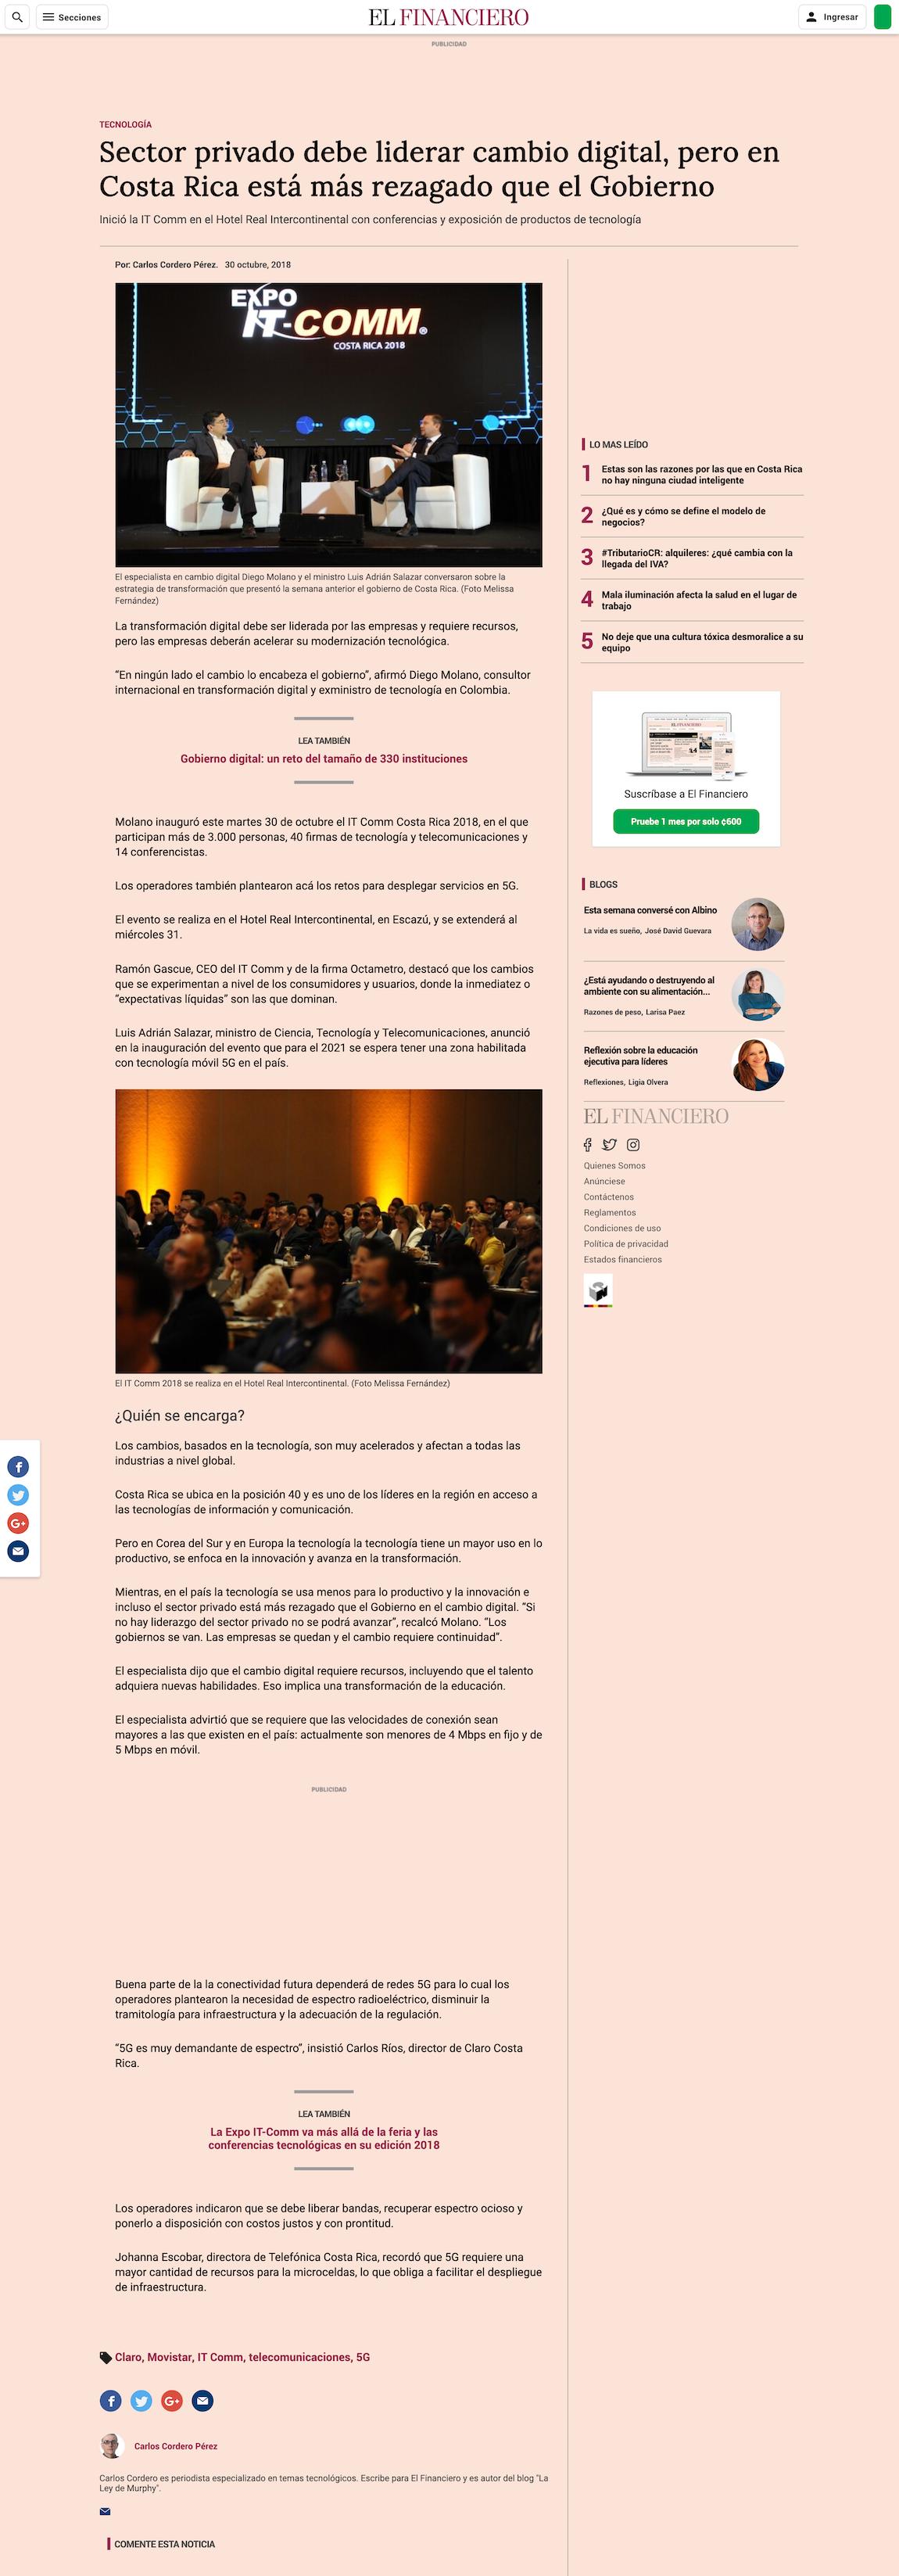 ACR ECR screencapture-elfinancierocr-tecnologia-sector-privado-debe-liderar-cambio-digital-pero-JKDGBDCVFZCXZIM46OW7QJQNUY-story-2019-07-09-11_57_09